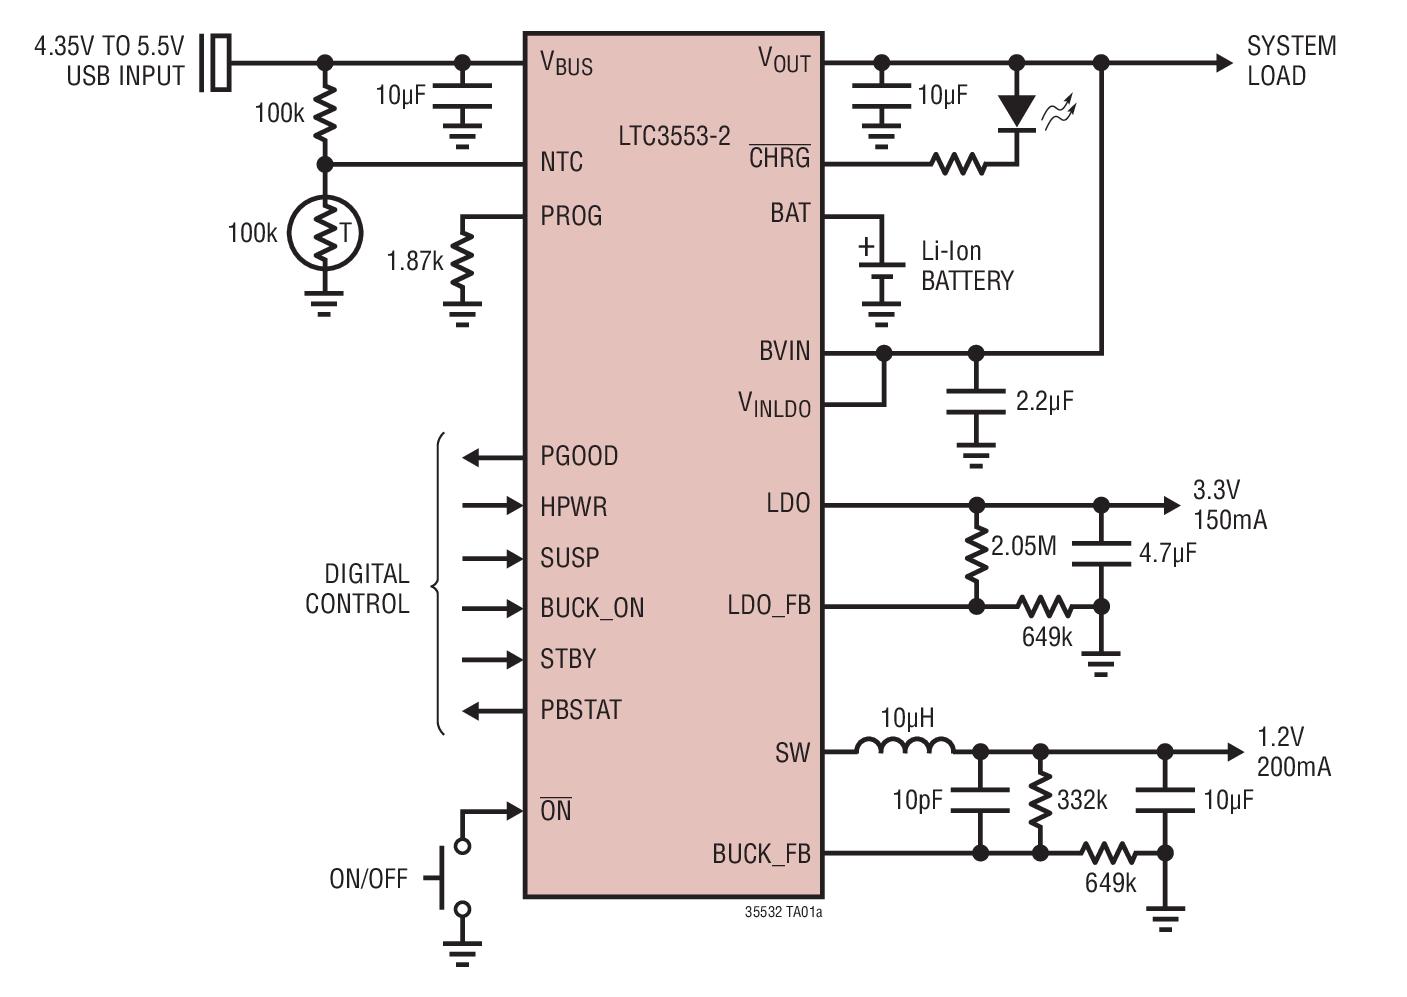 LTC3553-2 具锂离子电池充电器、始终保持接通的 LDO 和降压型稳压器的微功率 USB 电源管理器